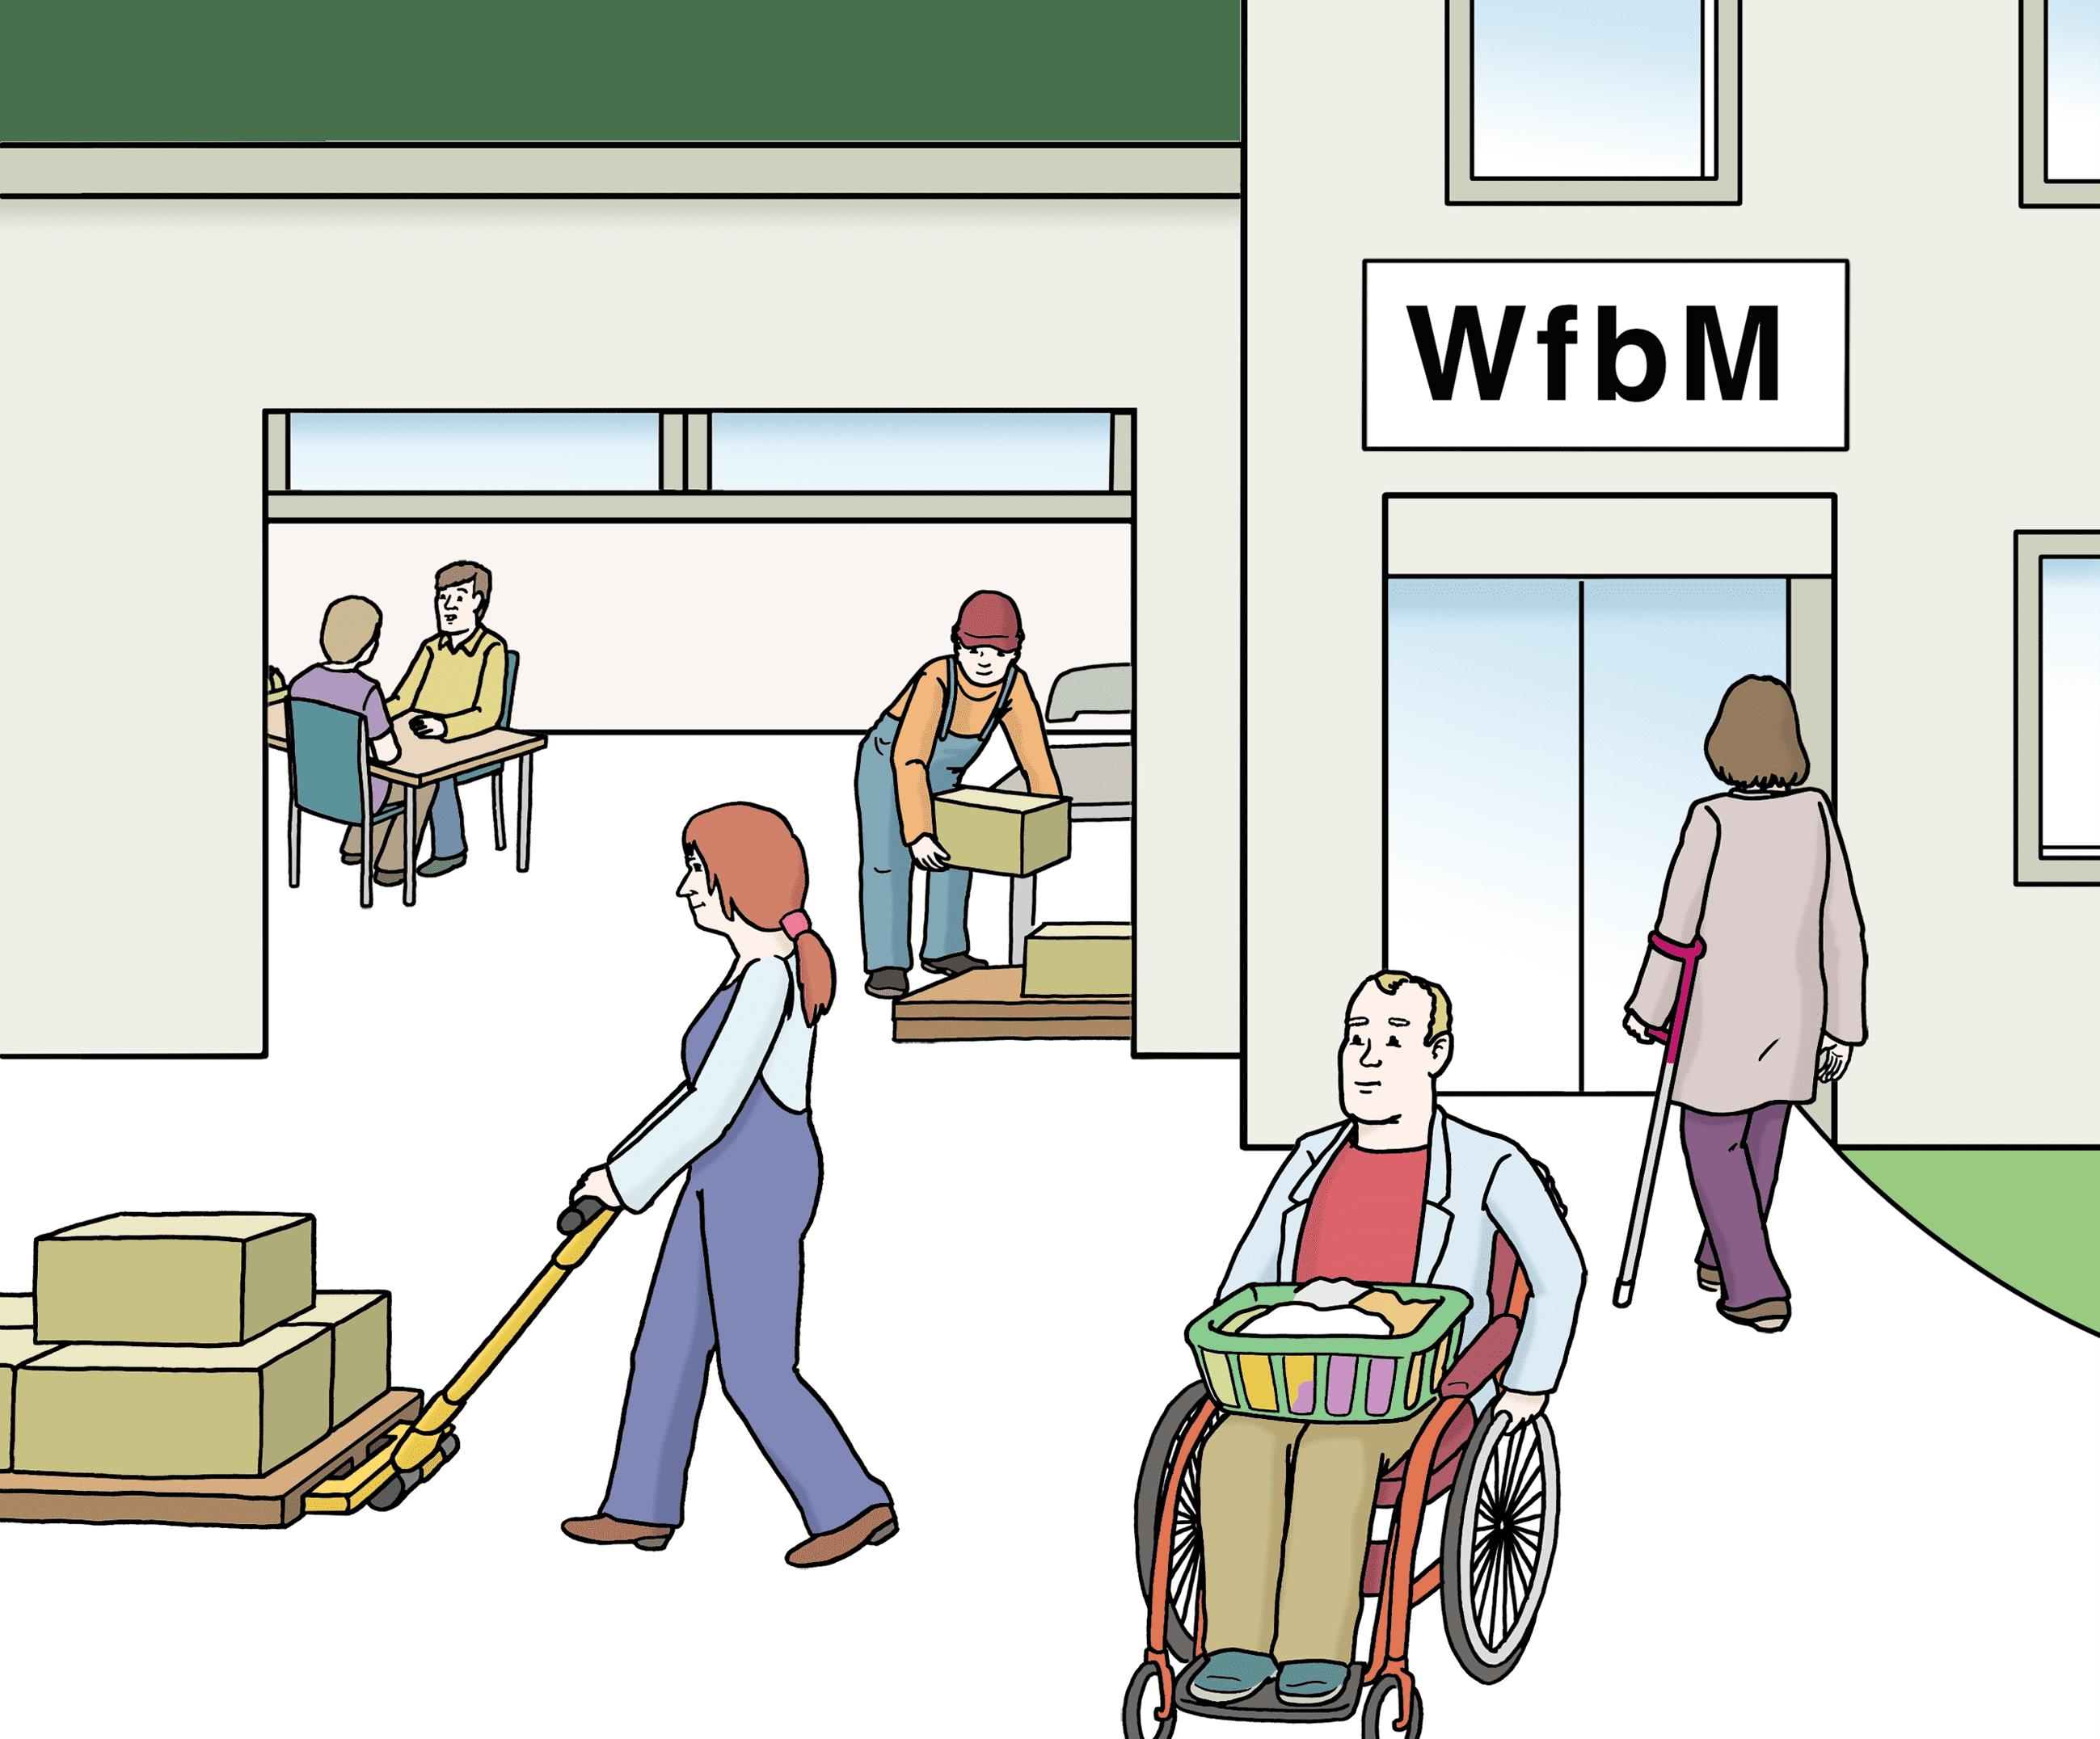 werkstatt fuer behinderte menschen